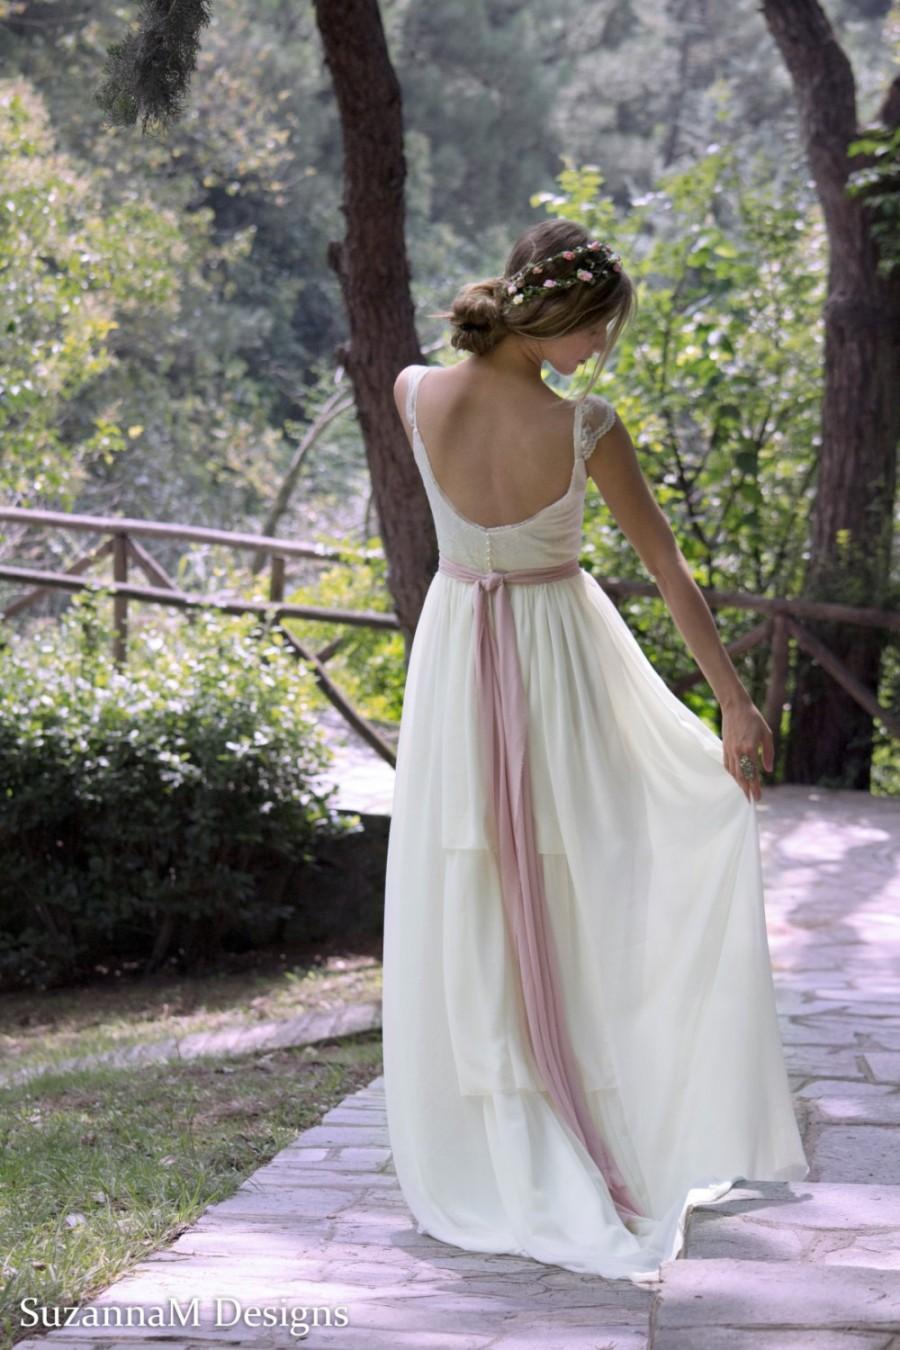 Wedding dress gypsy wedding dress long bridal gown boho for Unique bohemian wedding dresses